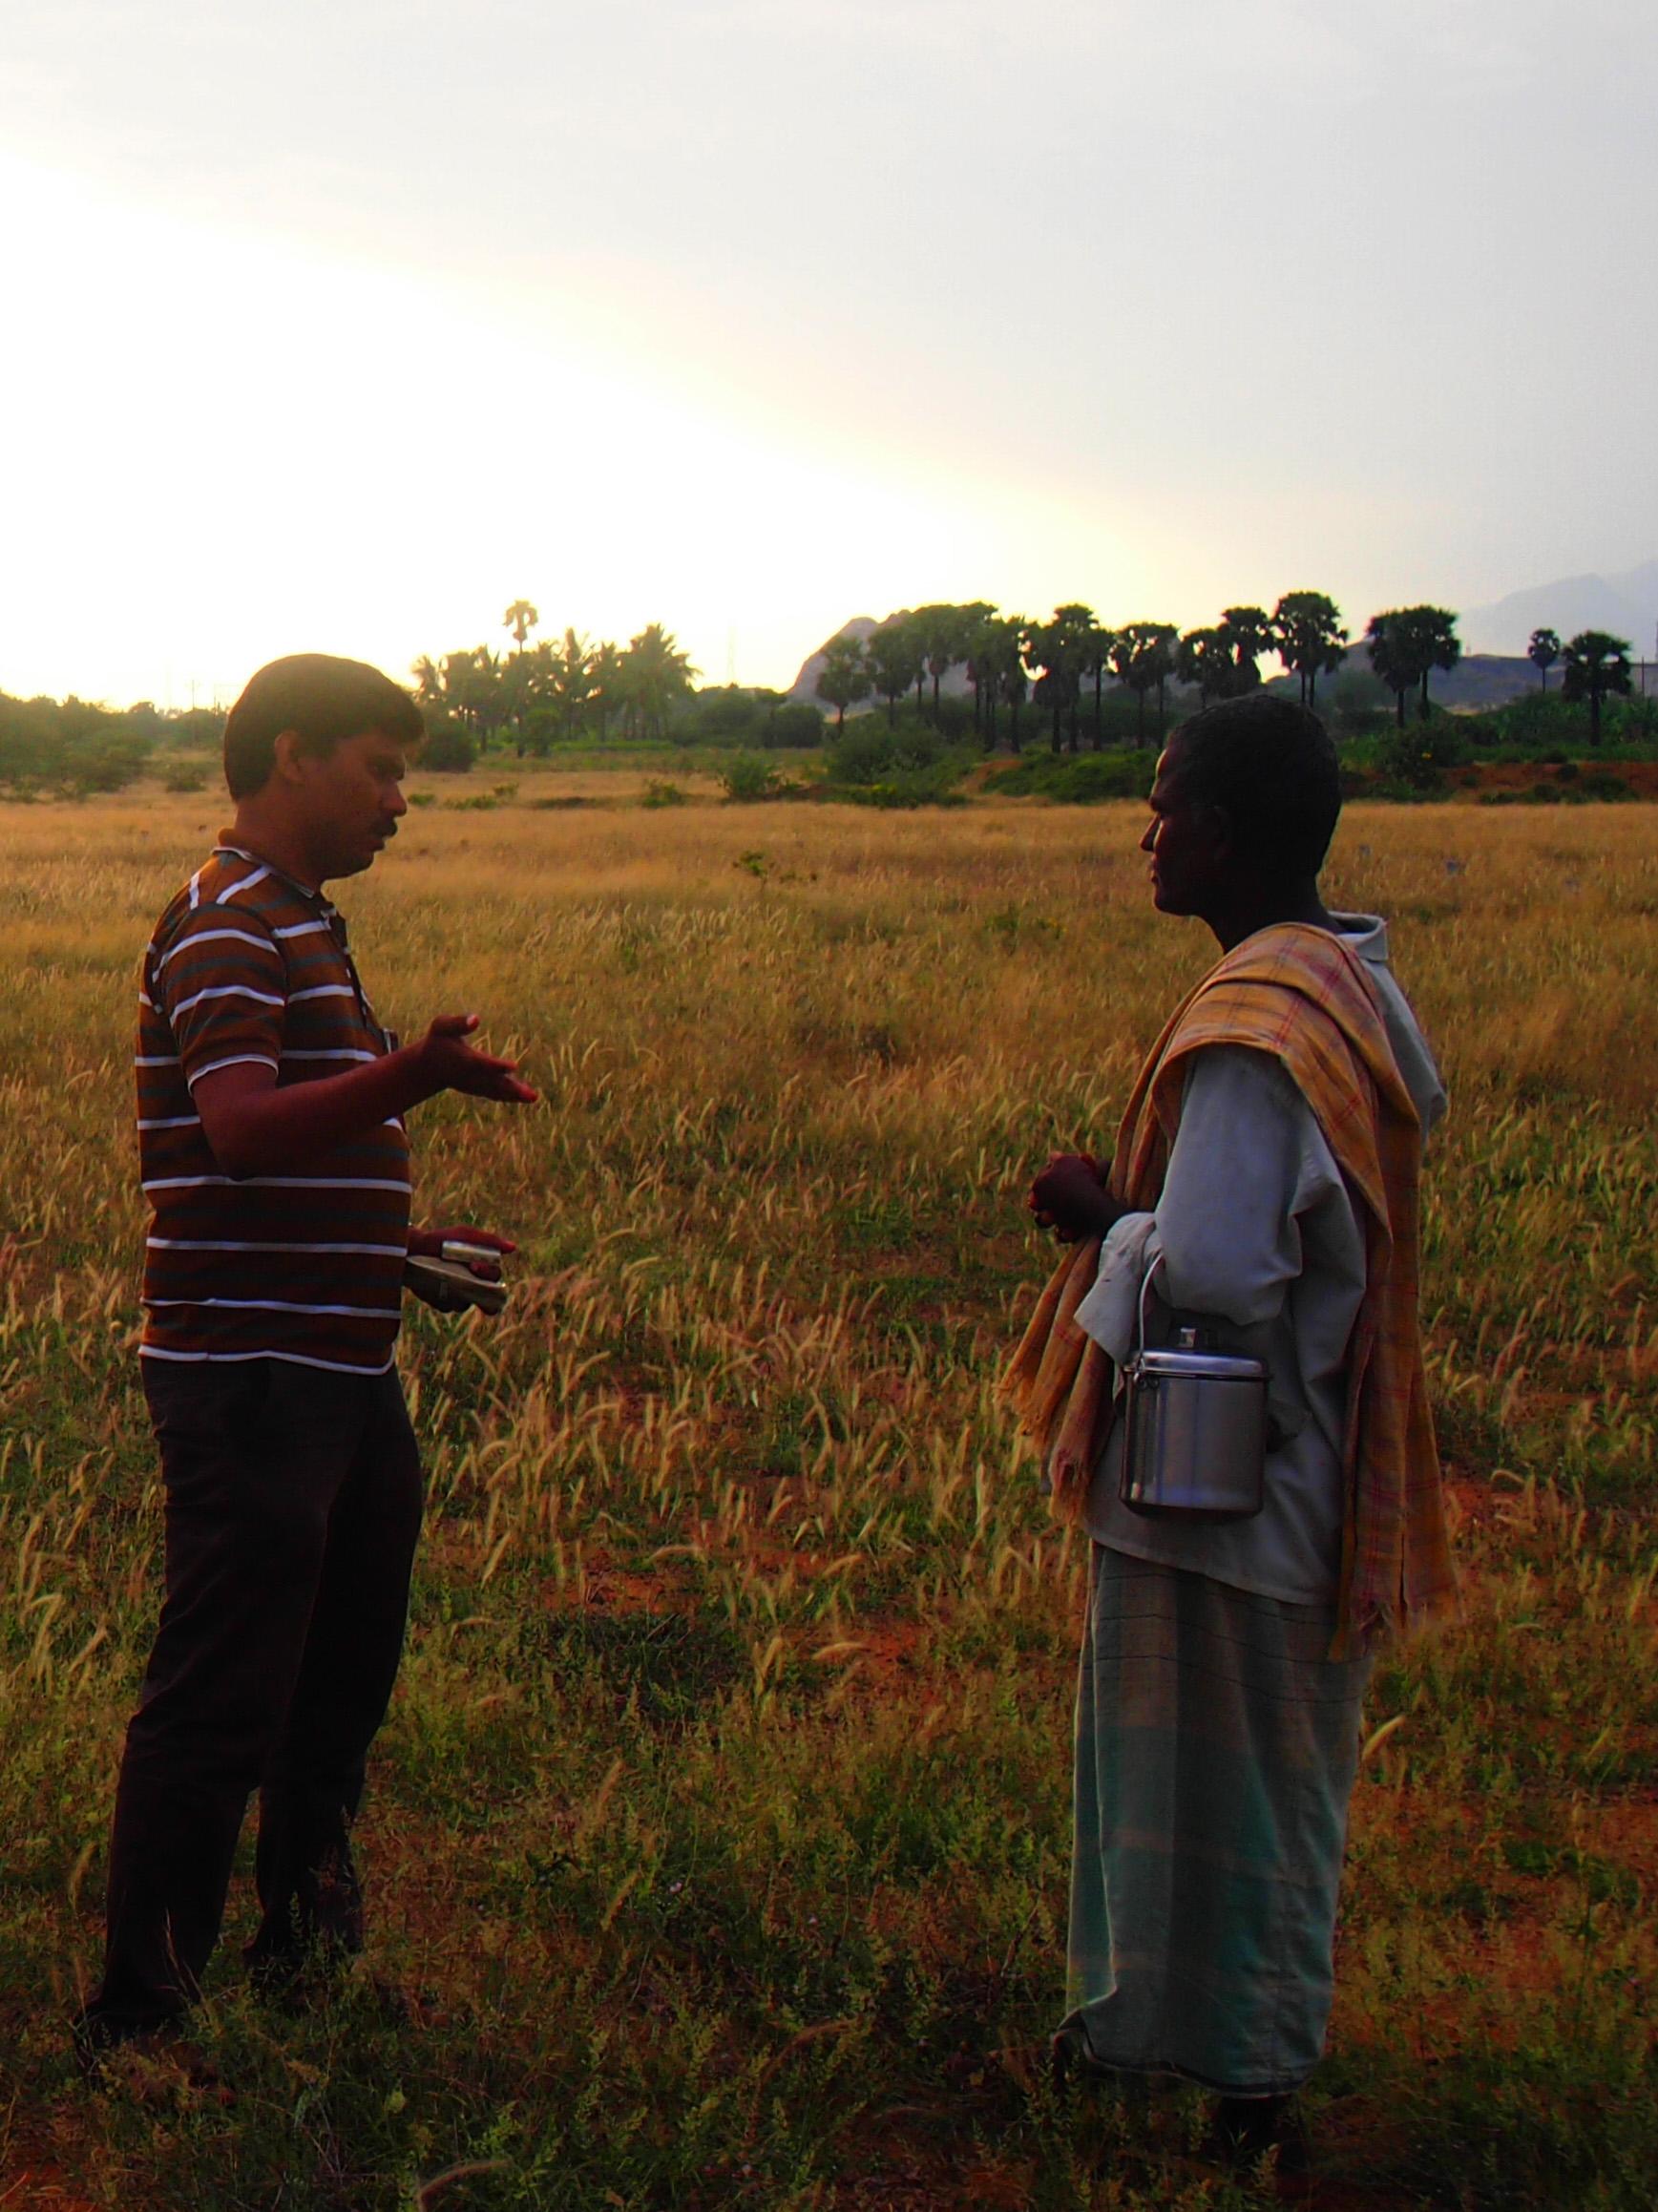 Mathivanan, fältstationskoordinator på ATREEs fältstation ACCC, gör en spontan intervju med en herde i fält. Foto; Patrick Wennström